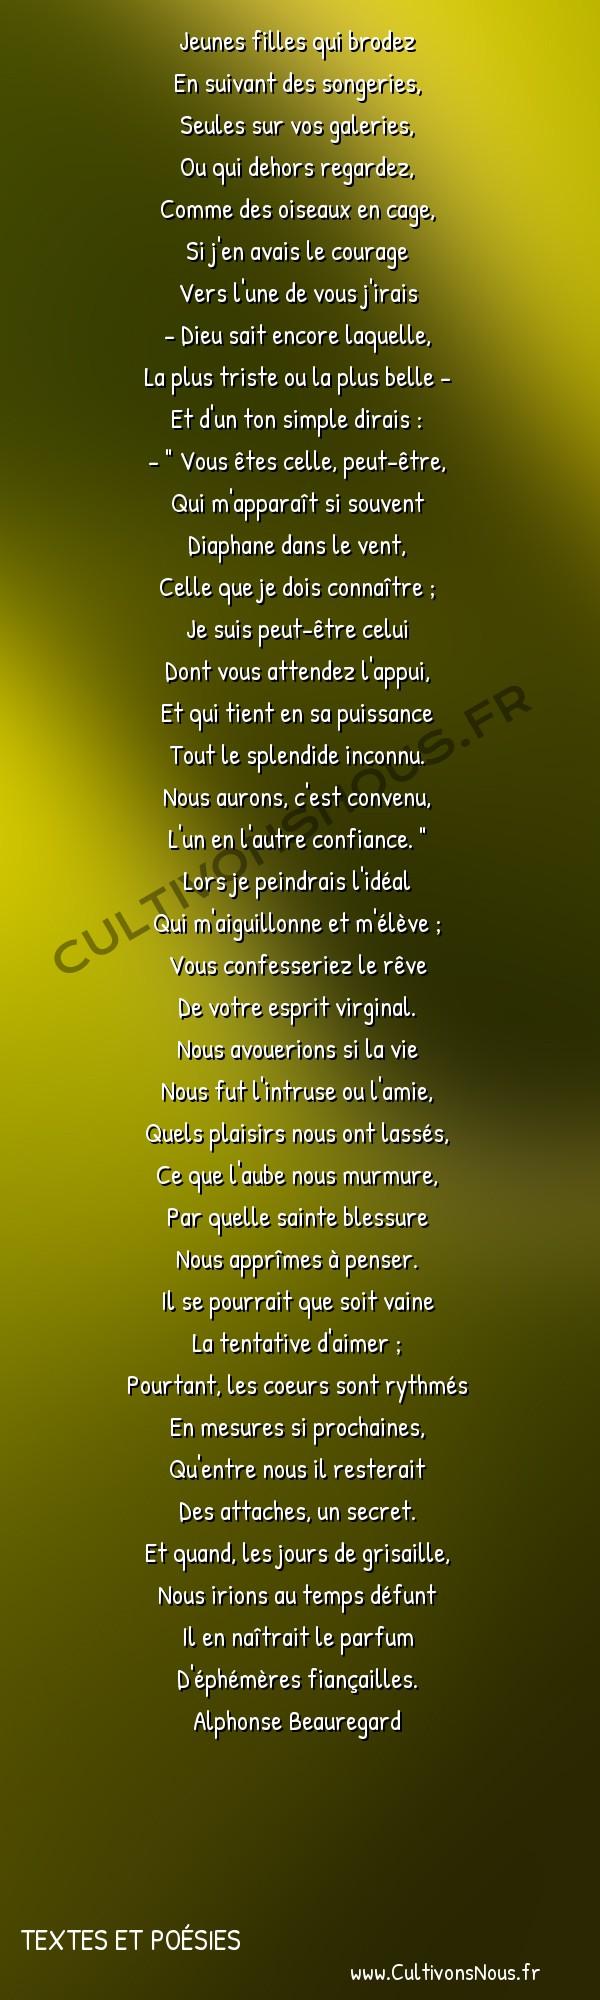 Poésie Alphonse Beauregard - Textes et poésies - désir simple -  Jeunes filles qui brodez En suivant des songeries,